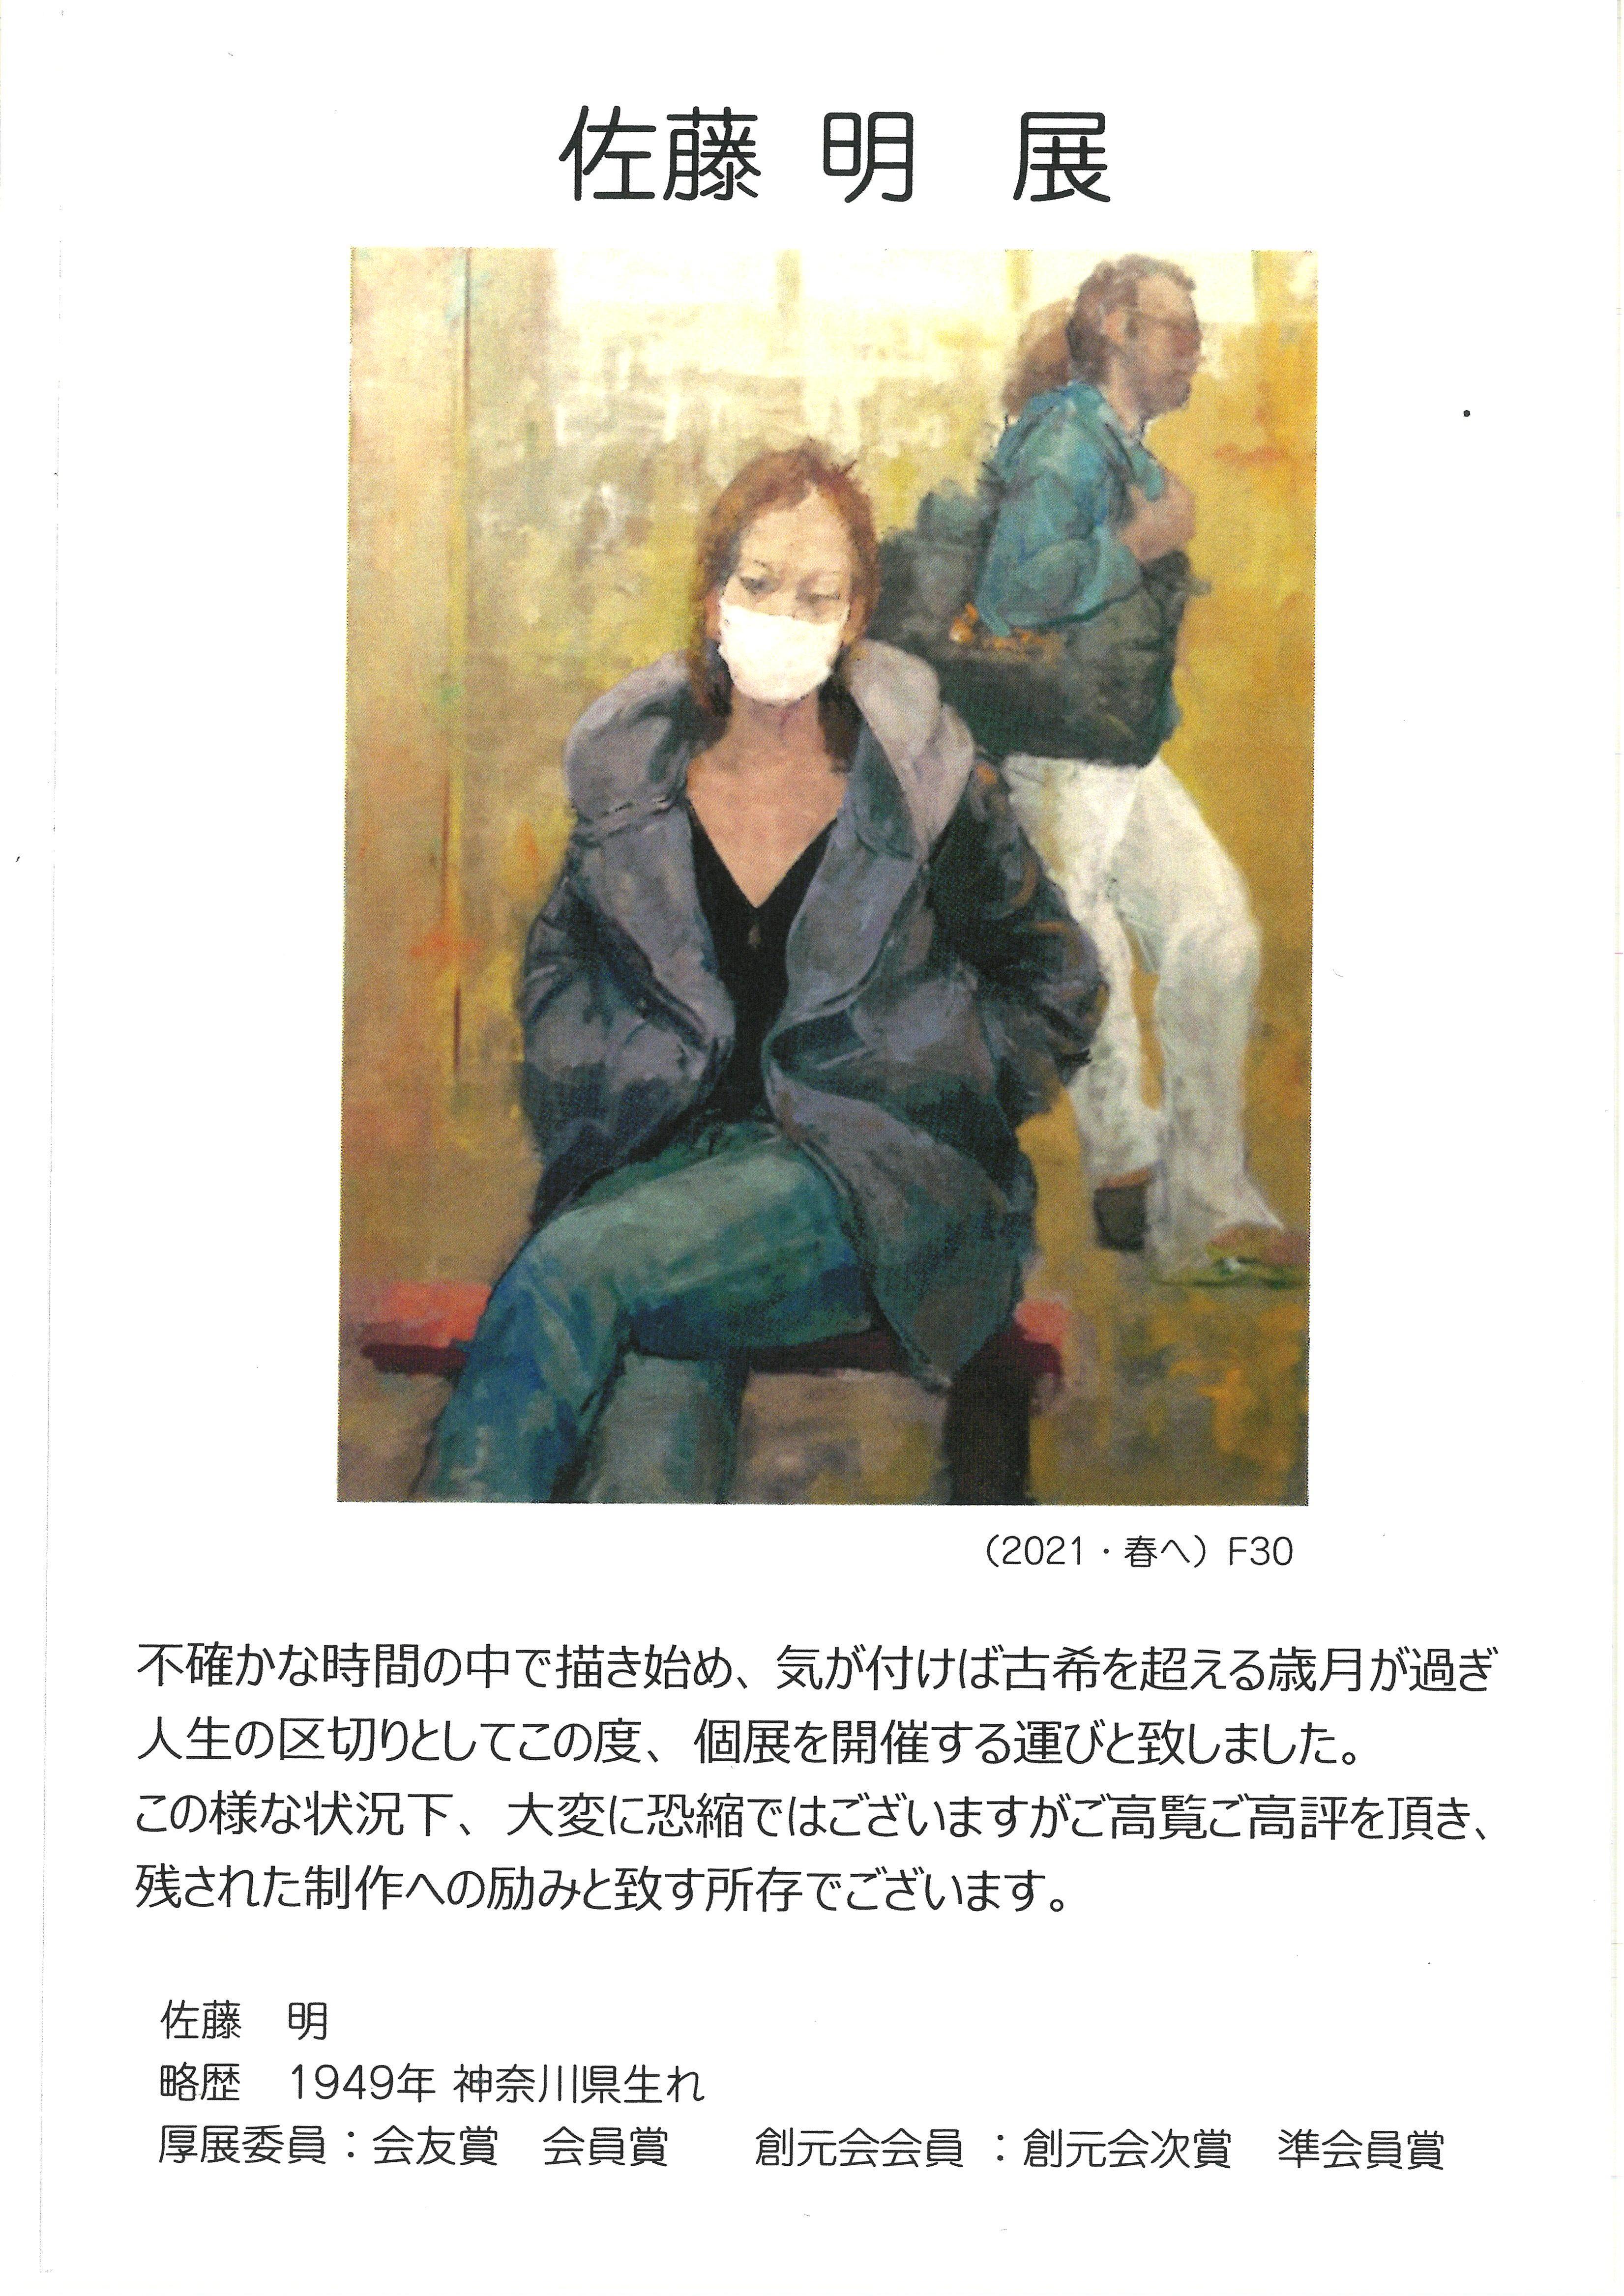 佐藤 明 油絵個展